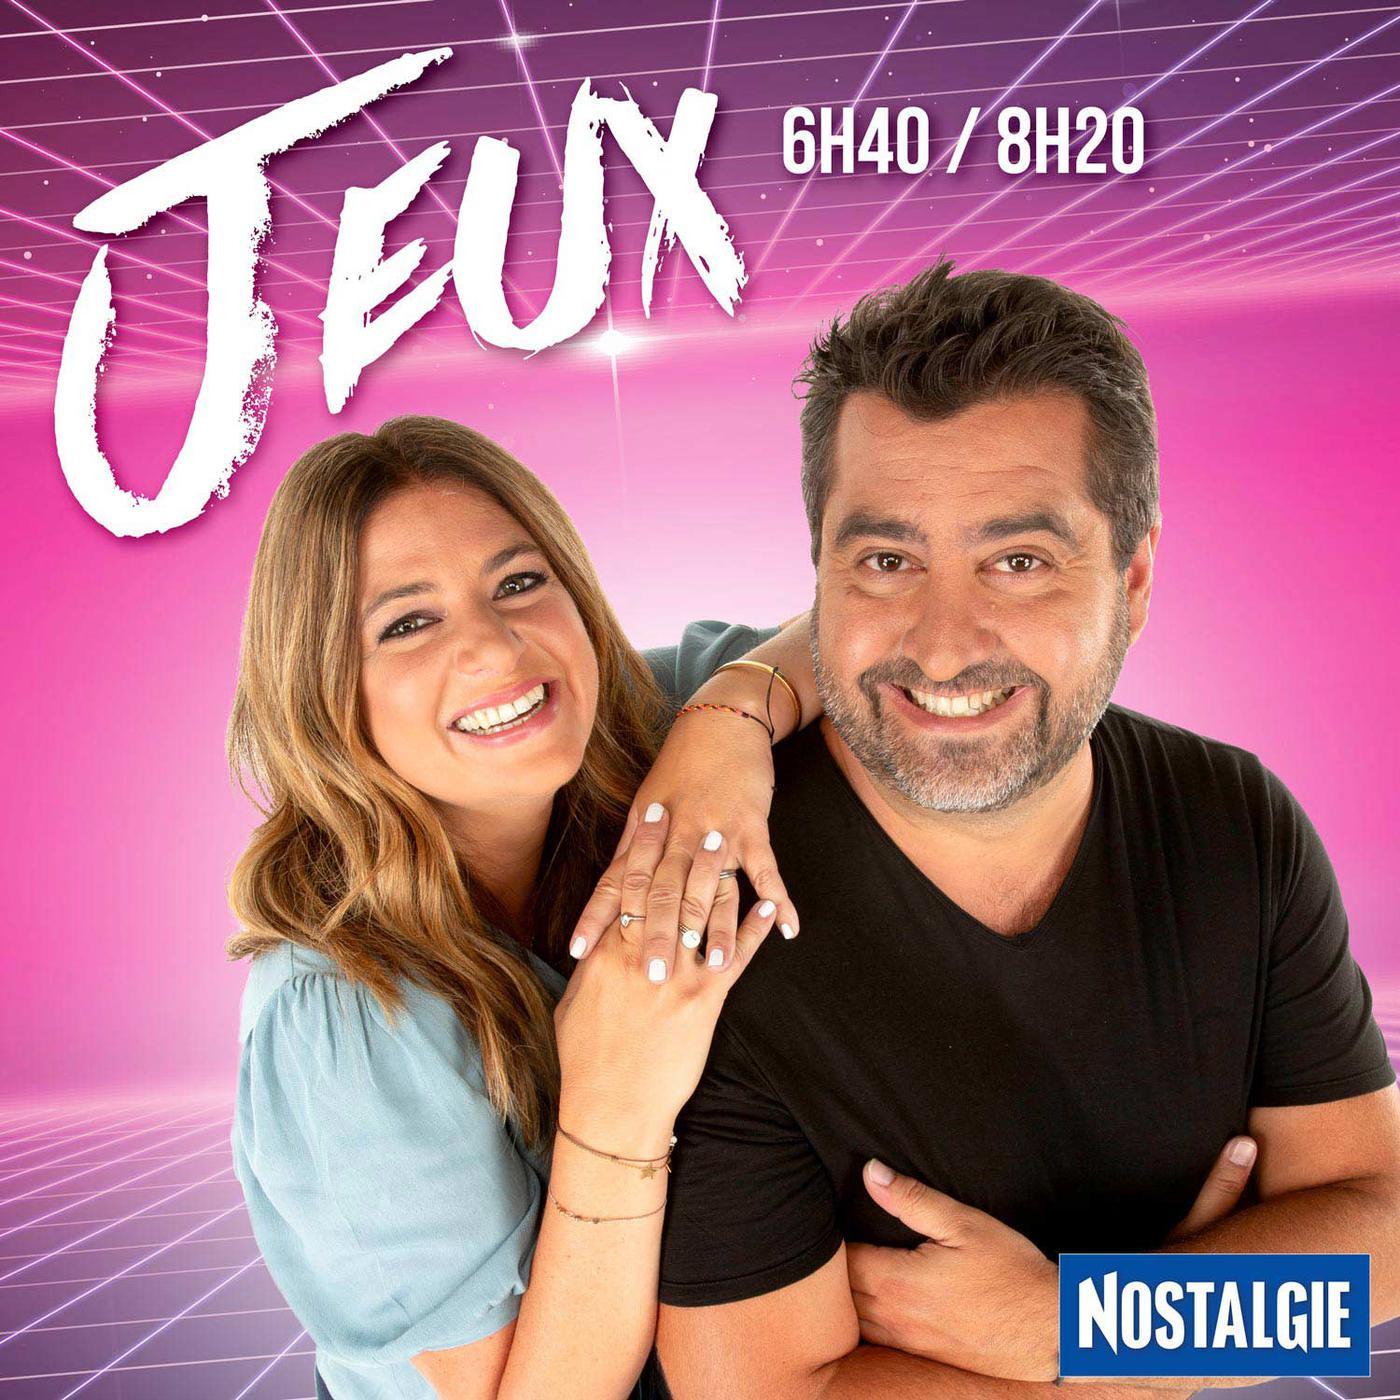 Nostalgie - Les Jeux (Podcast) - Nostalgie France | Listen Notes avec Vrai Faux Jeu